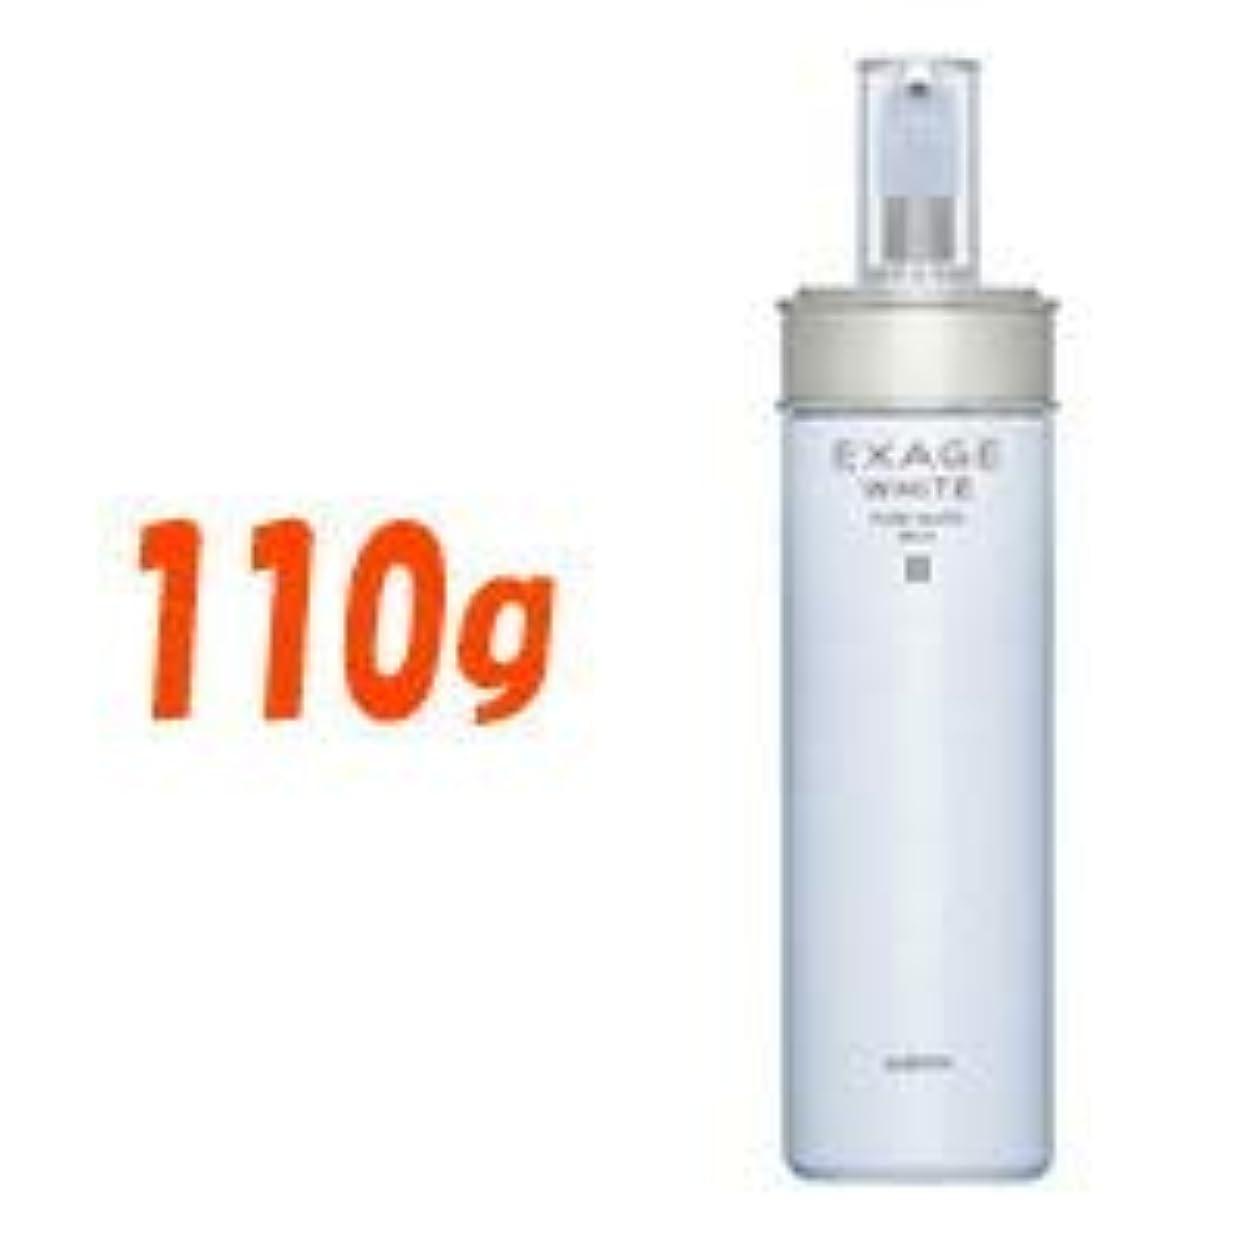 行くシャーロットブロンテ微生物アルビオン エクサージュ ホワイトピュアホワイトミルク(2) 110g